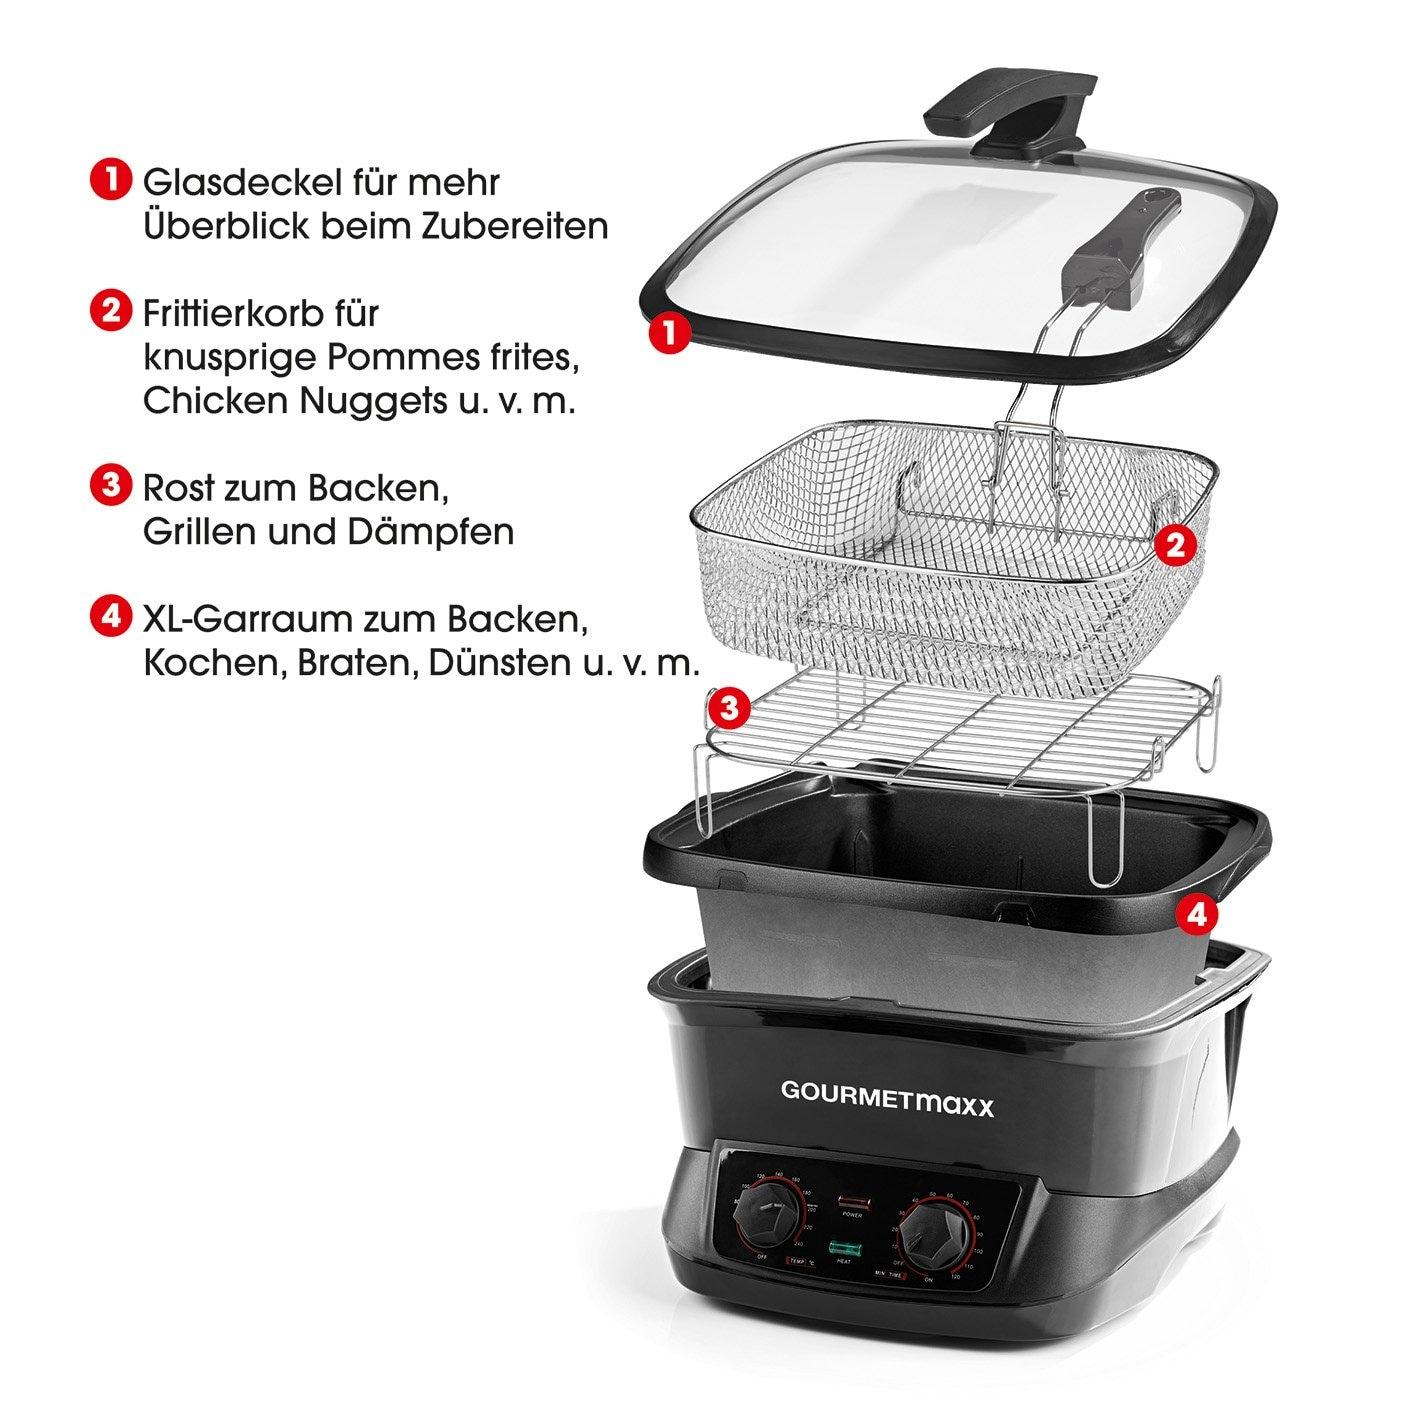 GOURMETmaxx Multikocher - 8 l Fassungsvermögen - schwarz